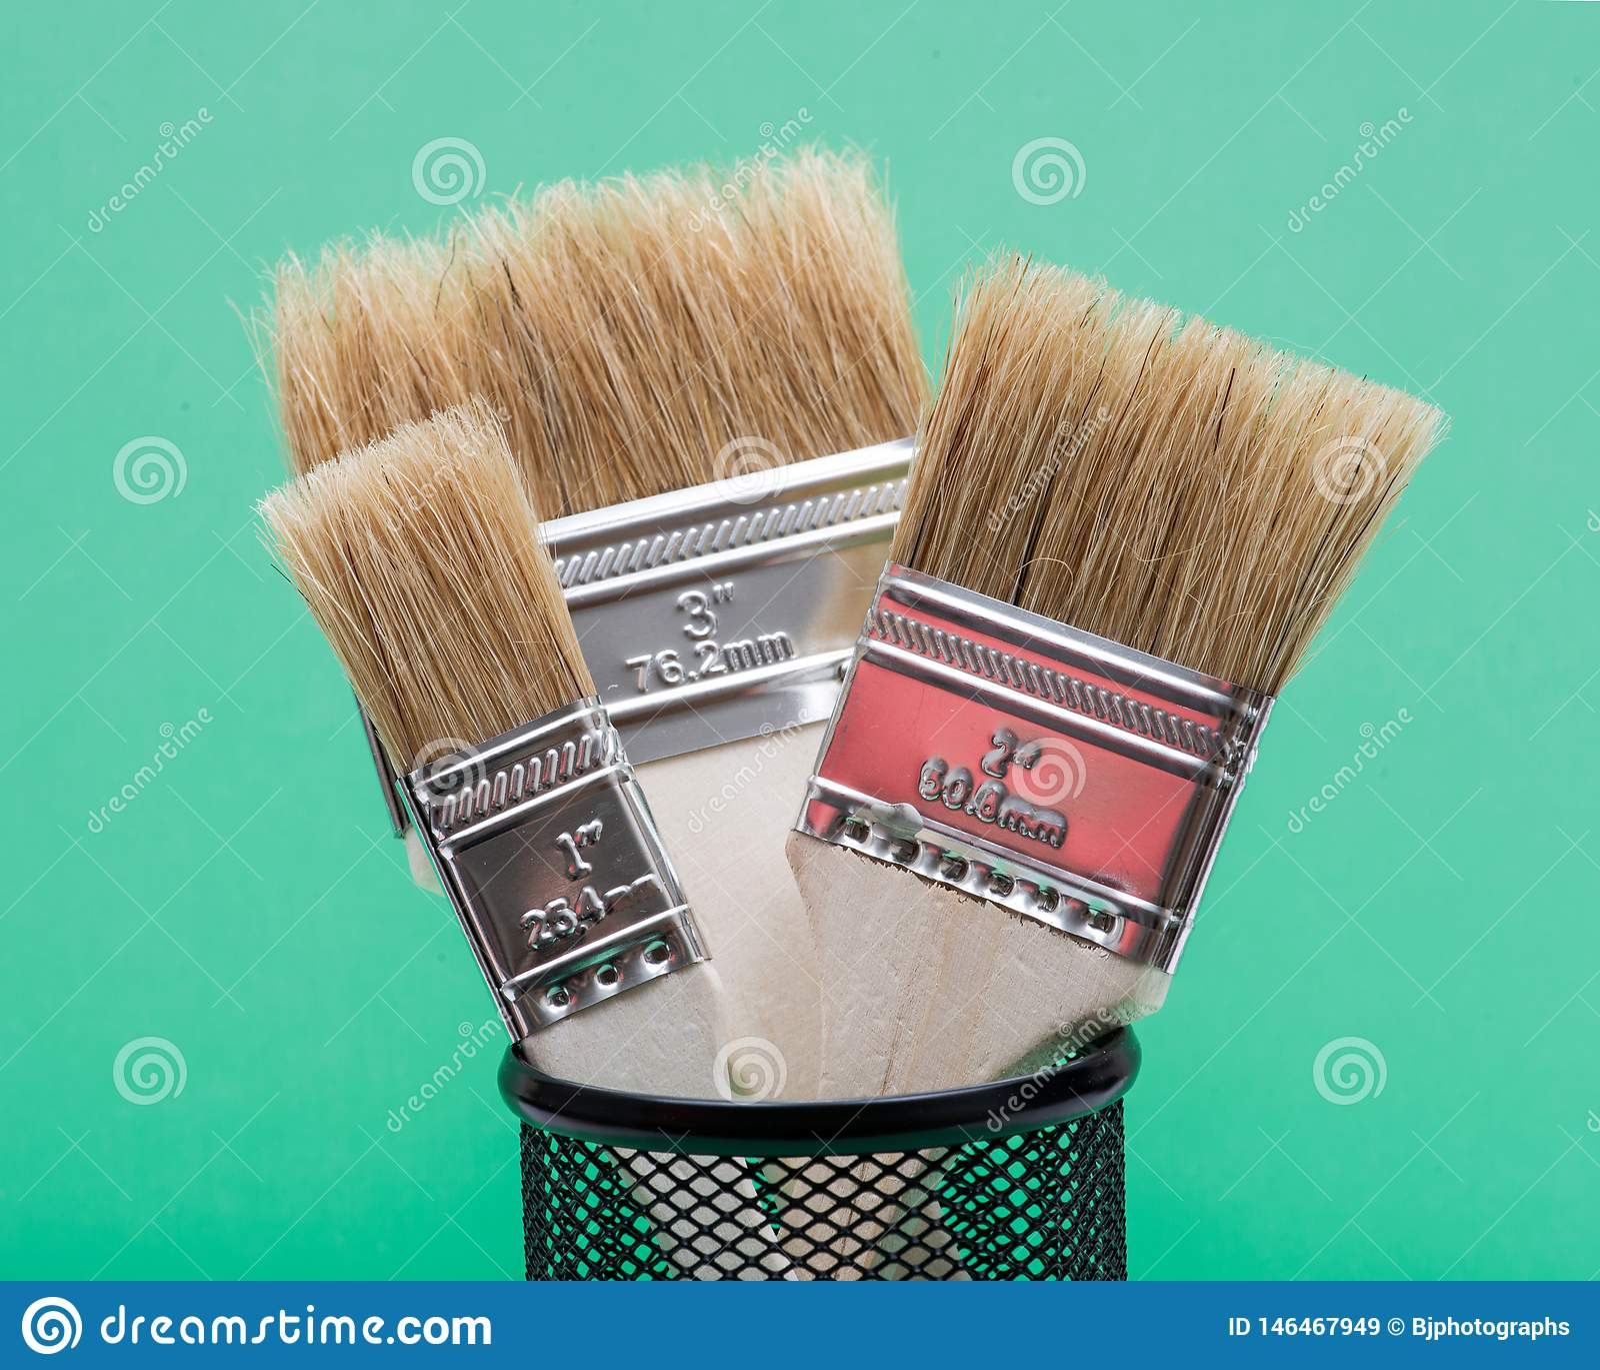 Vlak die Chip Painting Brush op groen wordt ge?soleerd